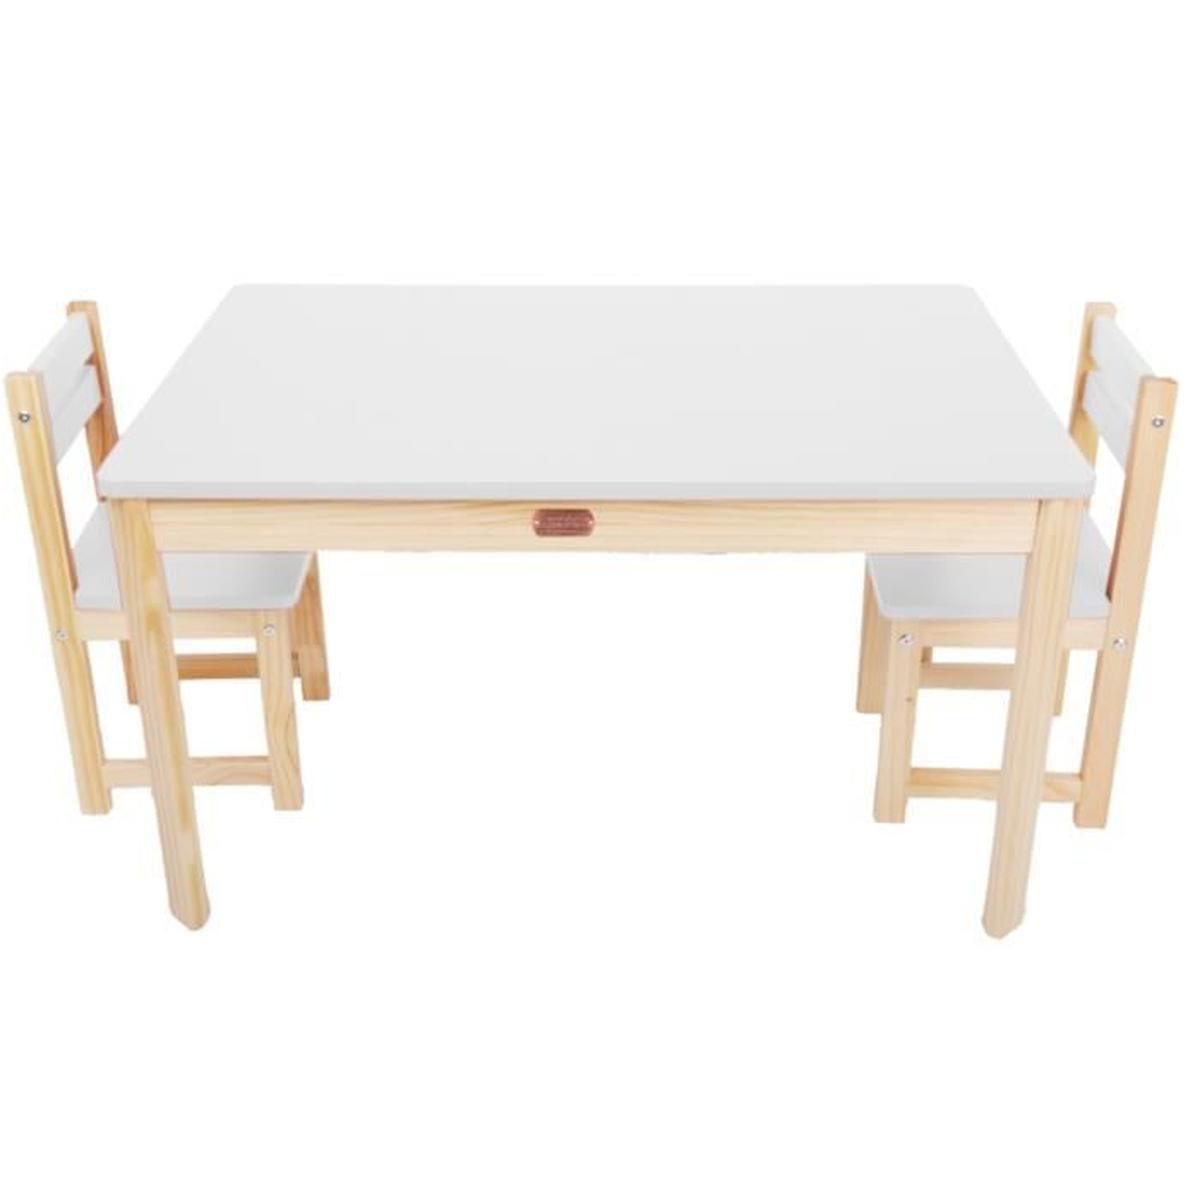 13 Prestigieux Table Et Chaise Pour Enfant Images Minimalis